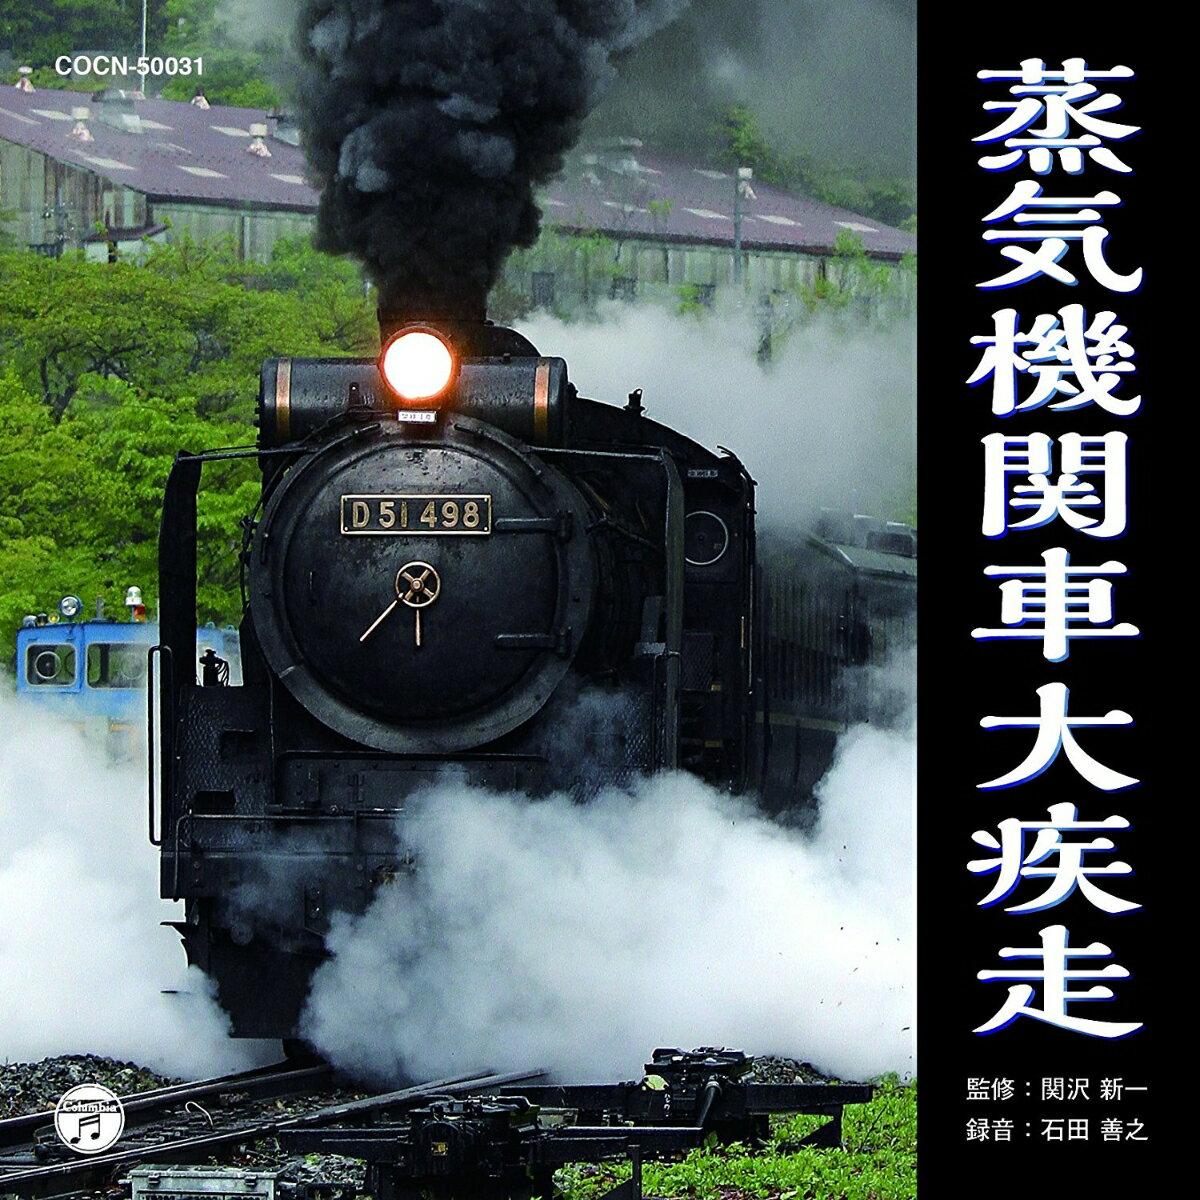 ザ・ベスト 蒸気機関車大疾走 [ (効果音) ]